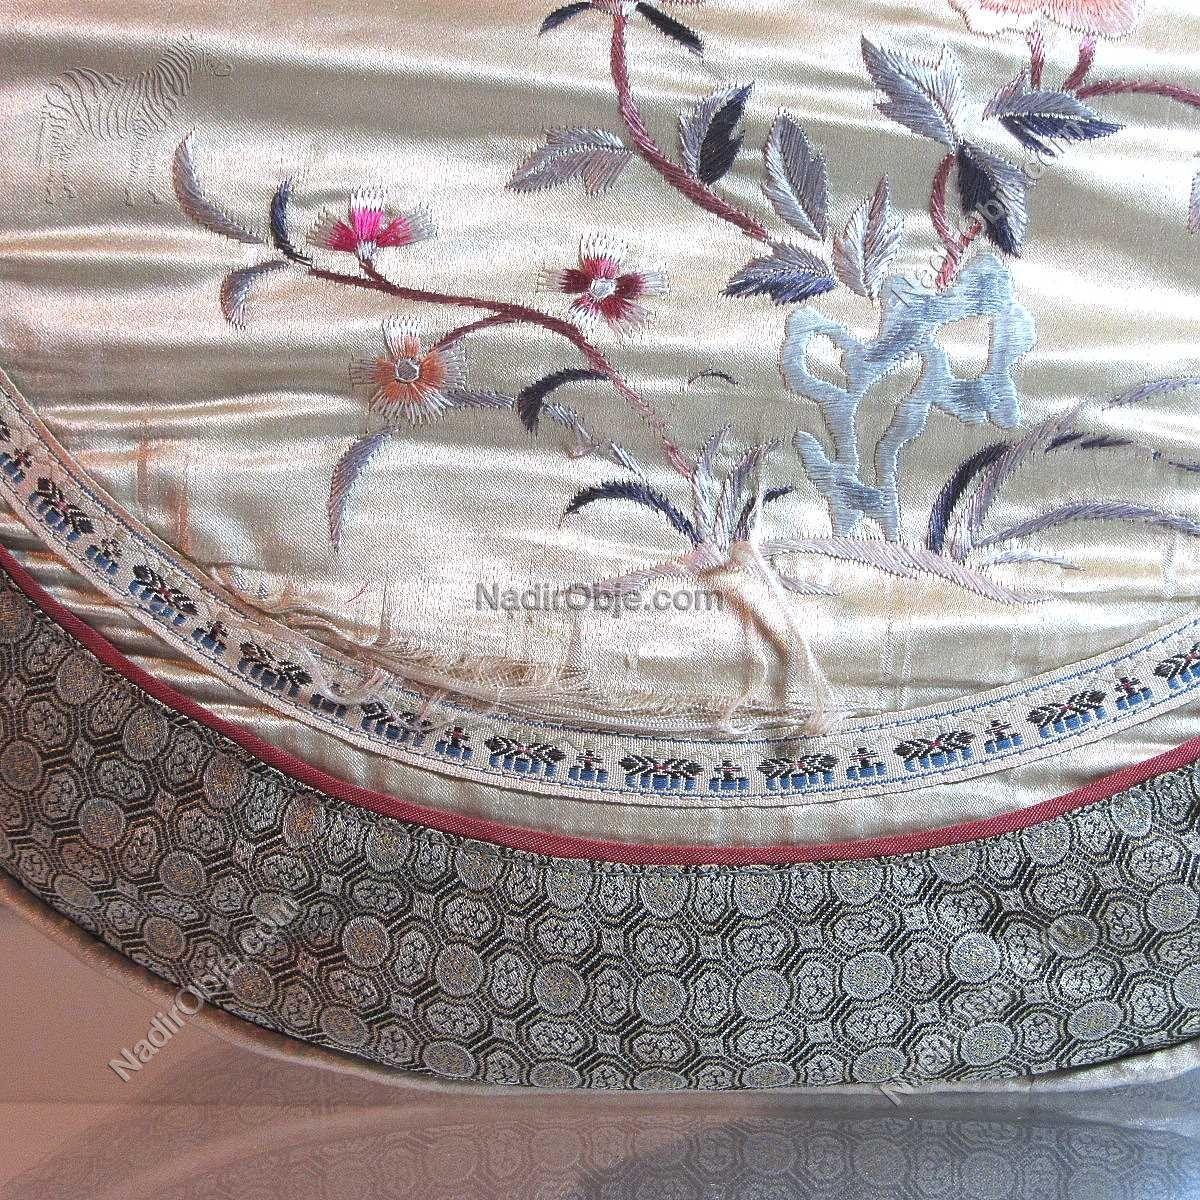 2 Adet İpek İşlemeli Yastık Deri-Kumaş-Tekstil İşleme